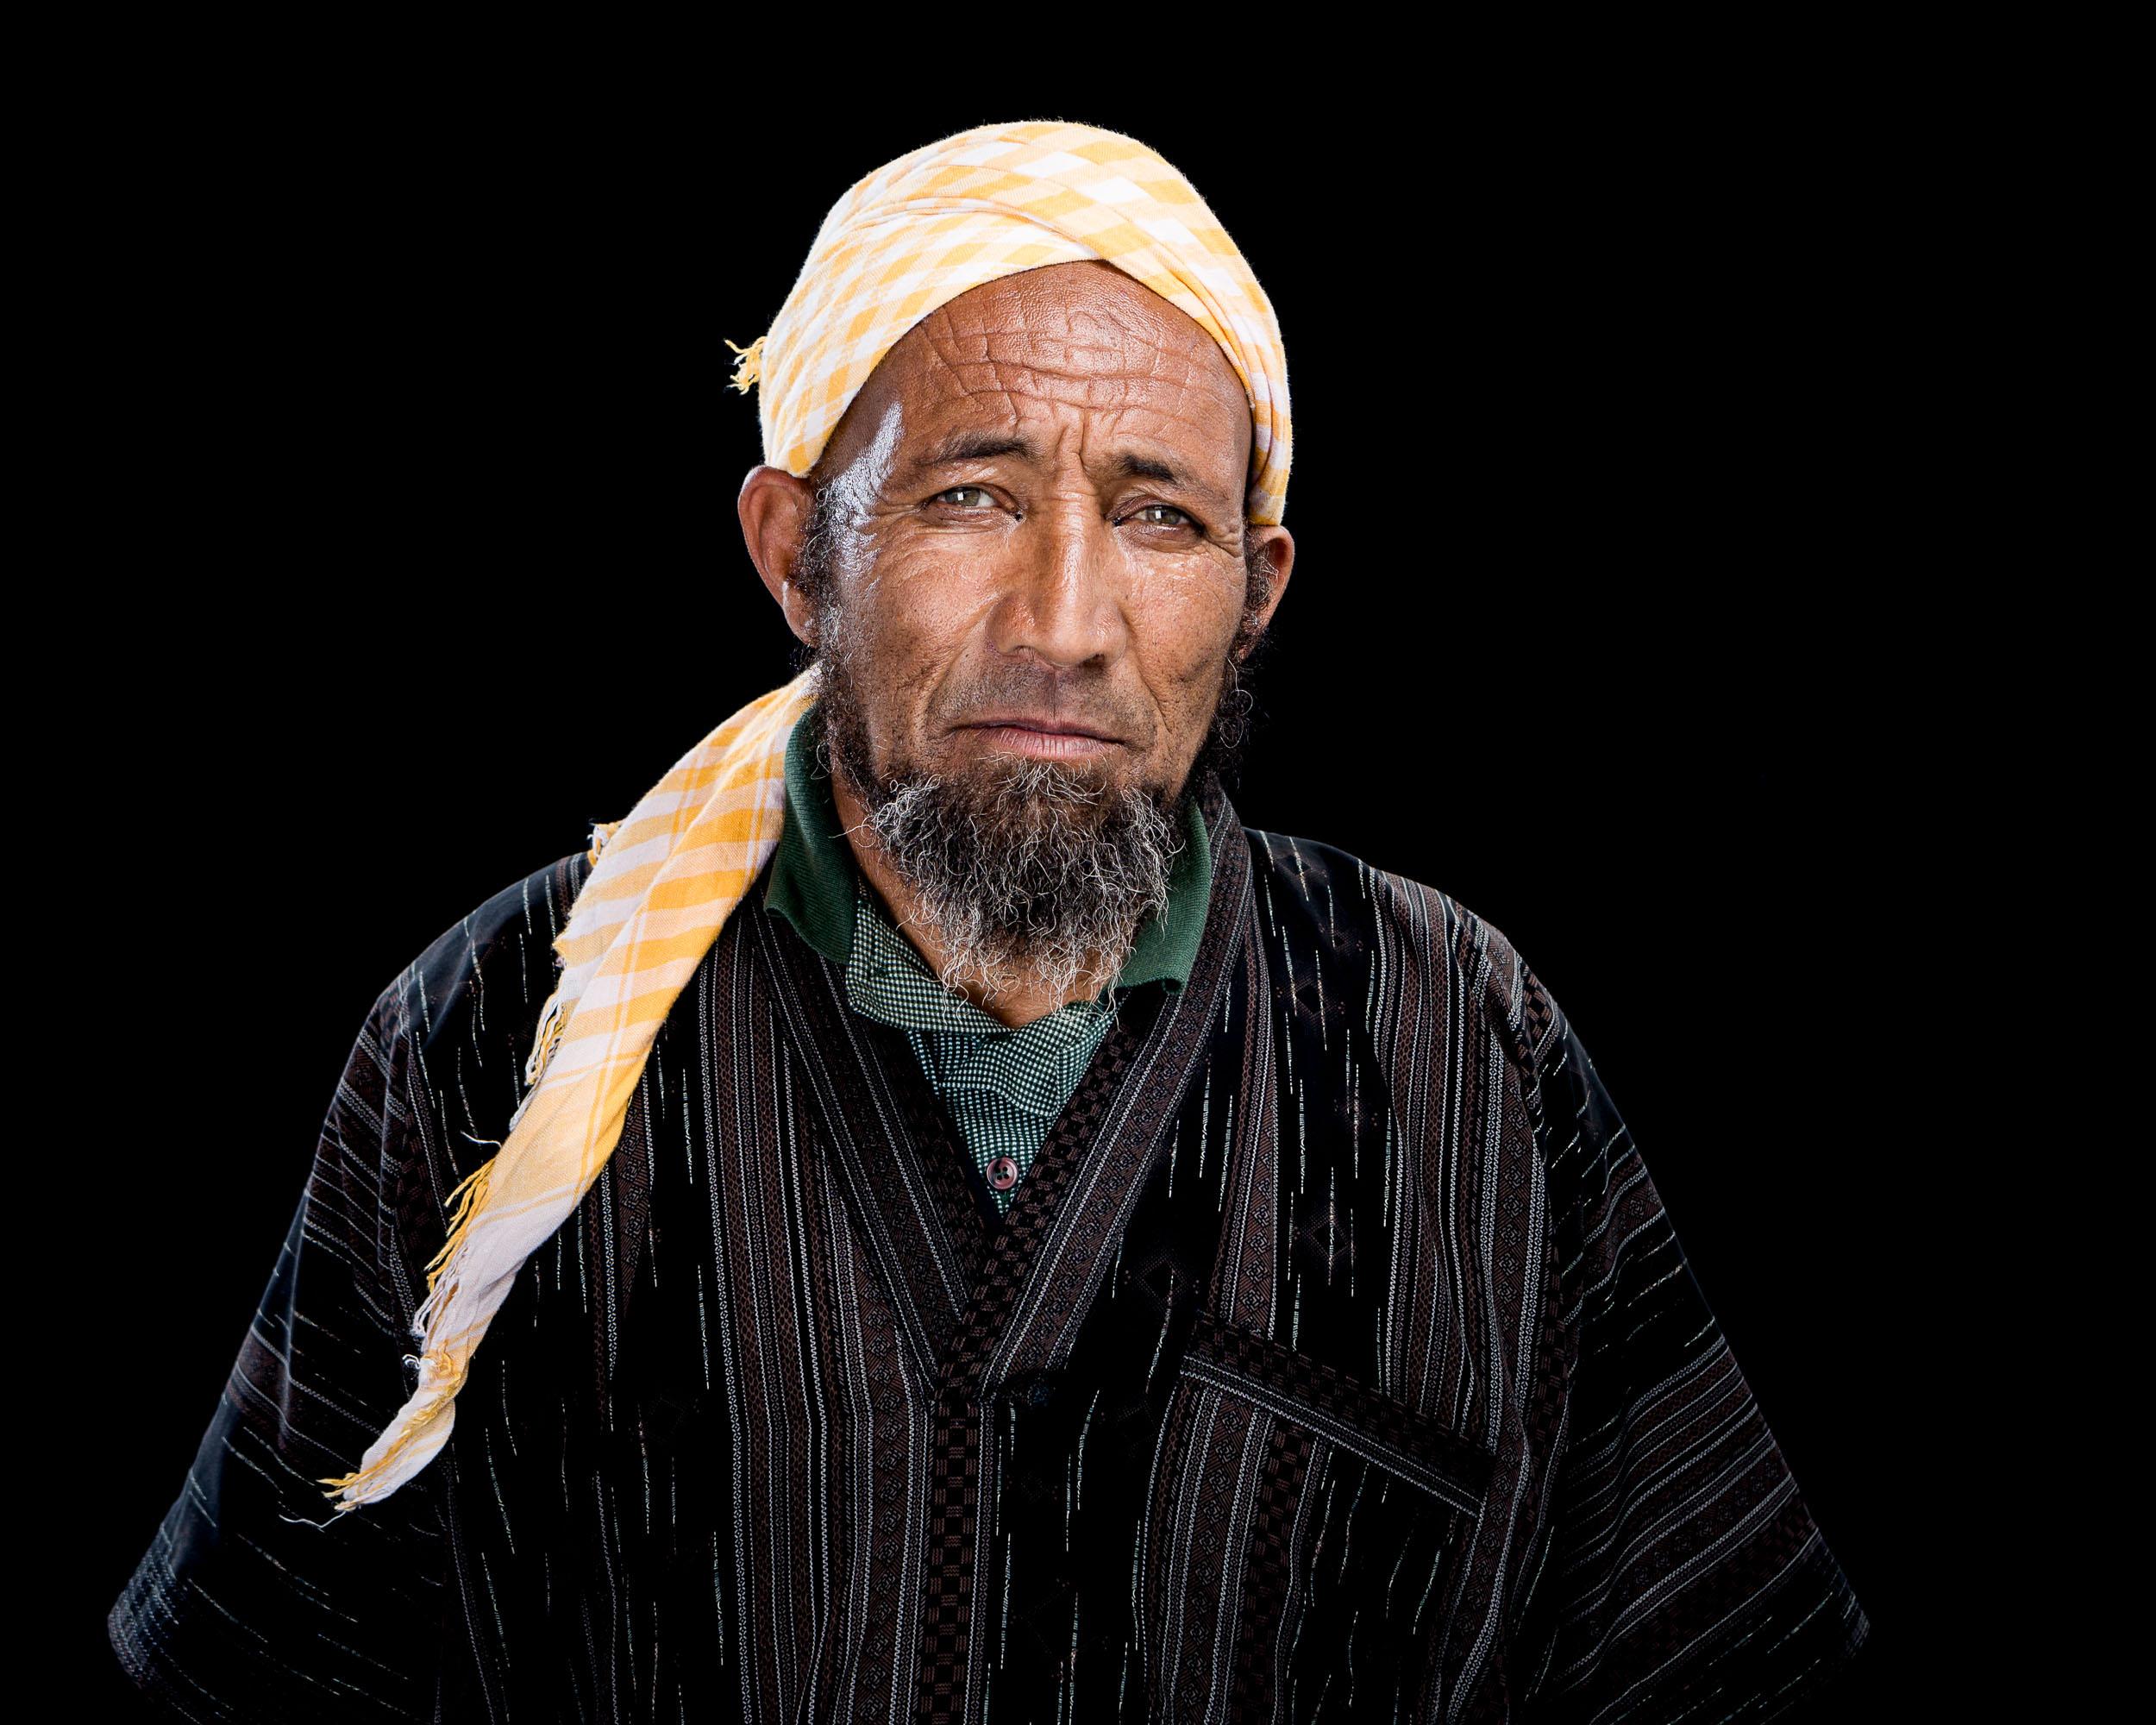 Traditional handline fisherman Abdurrazak Mozes